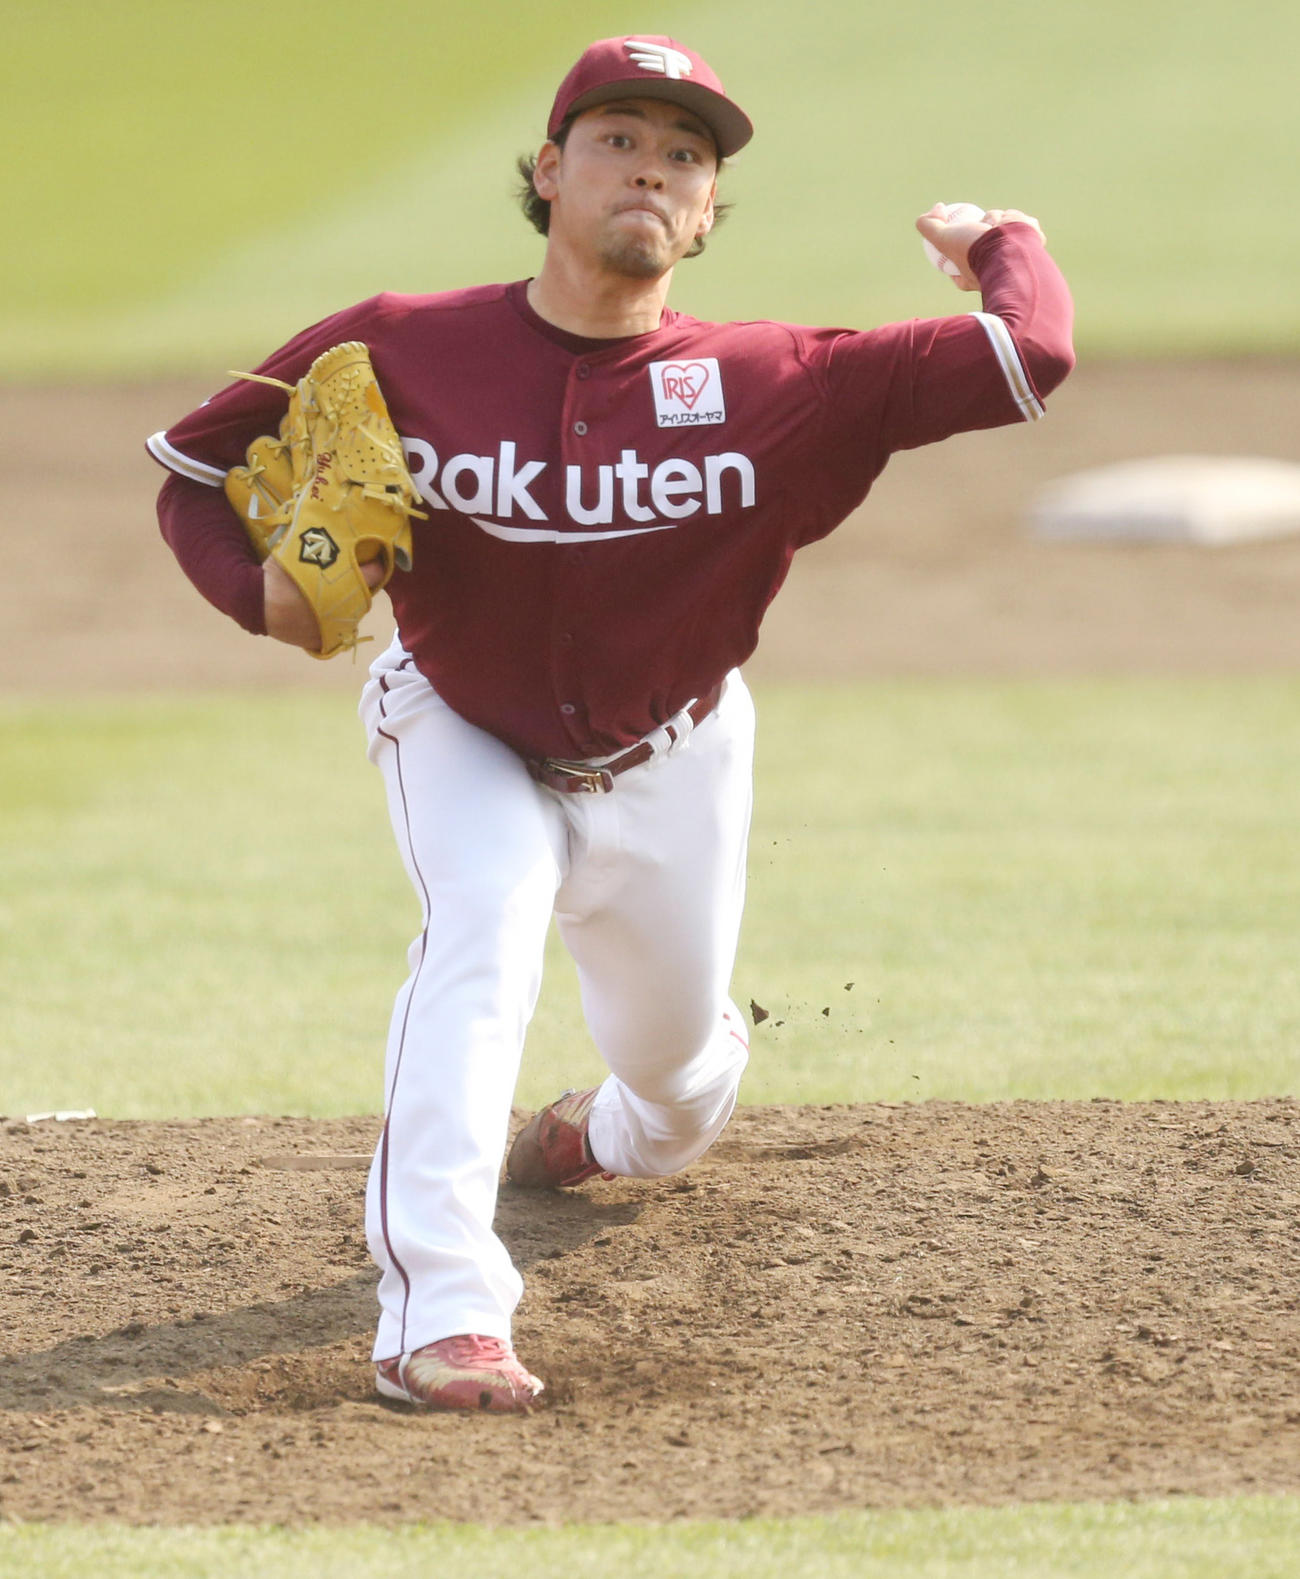 3月26日、楽天紅白戦で力投する高梨雄平